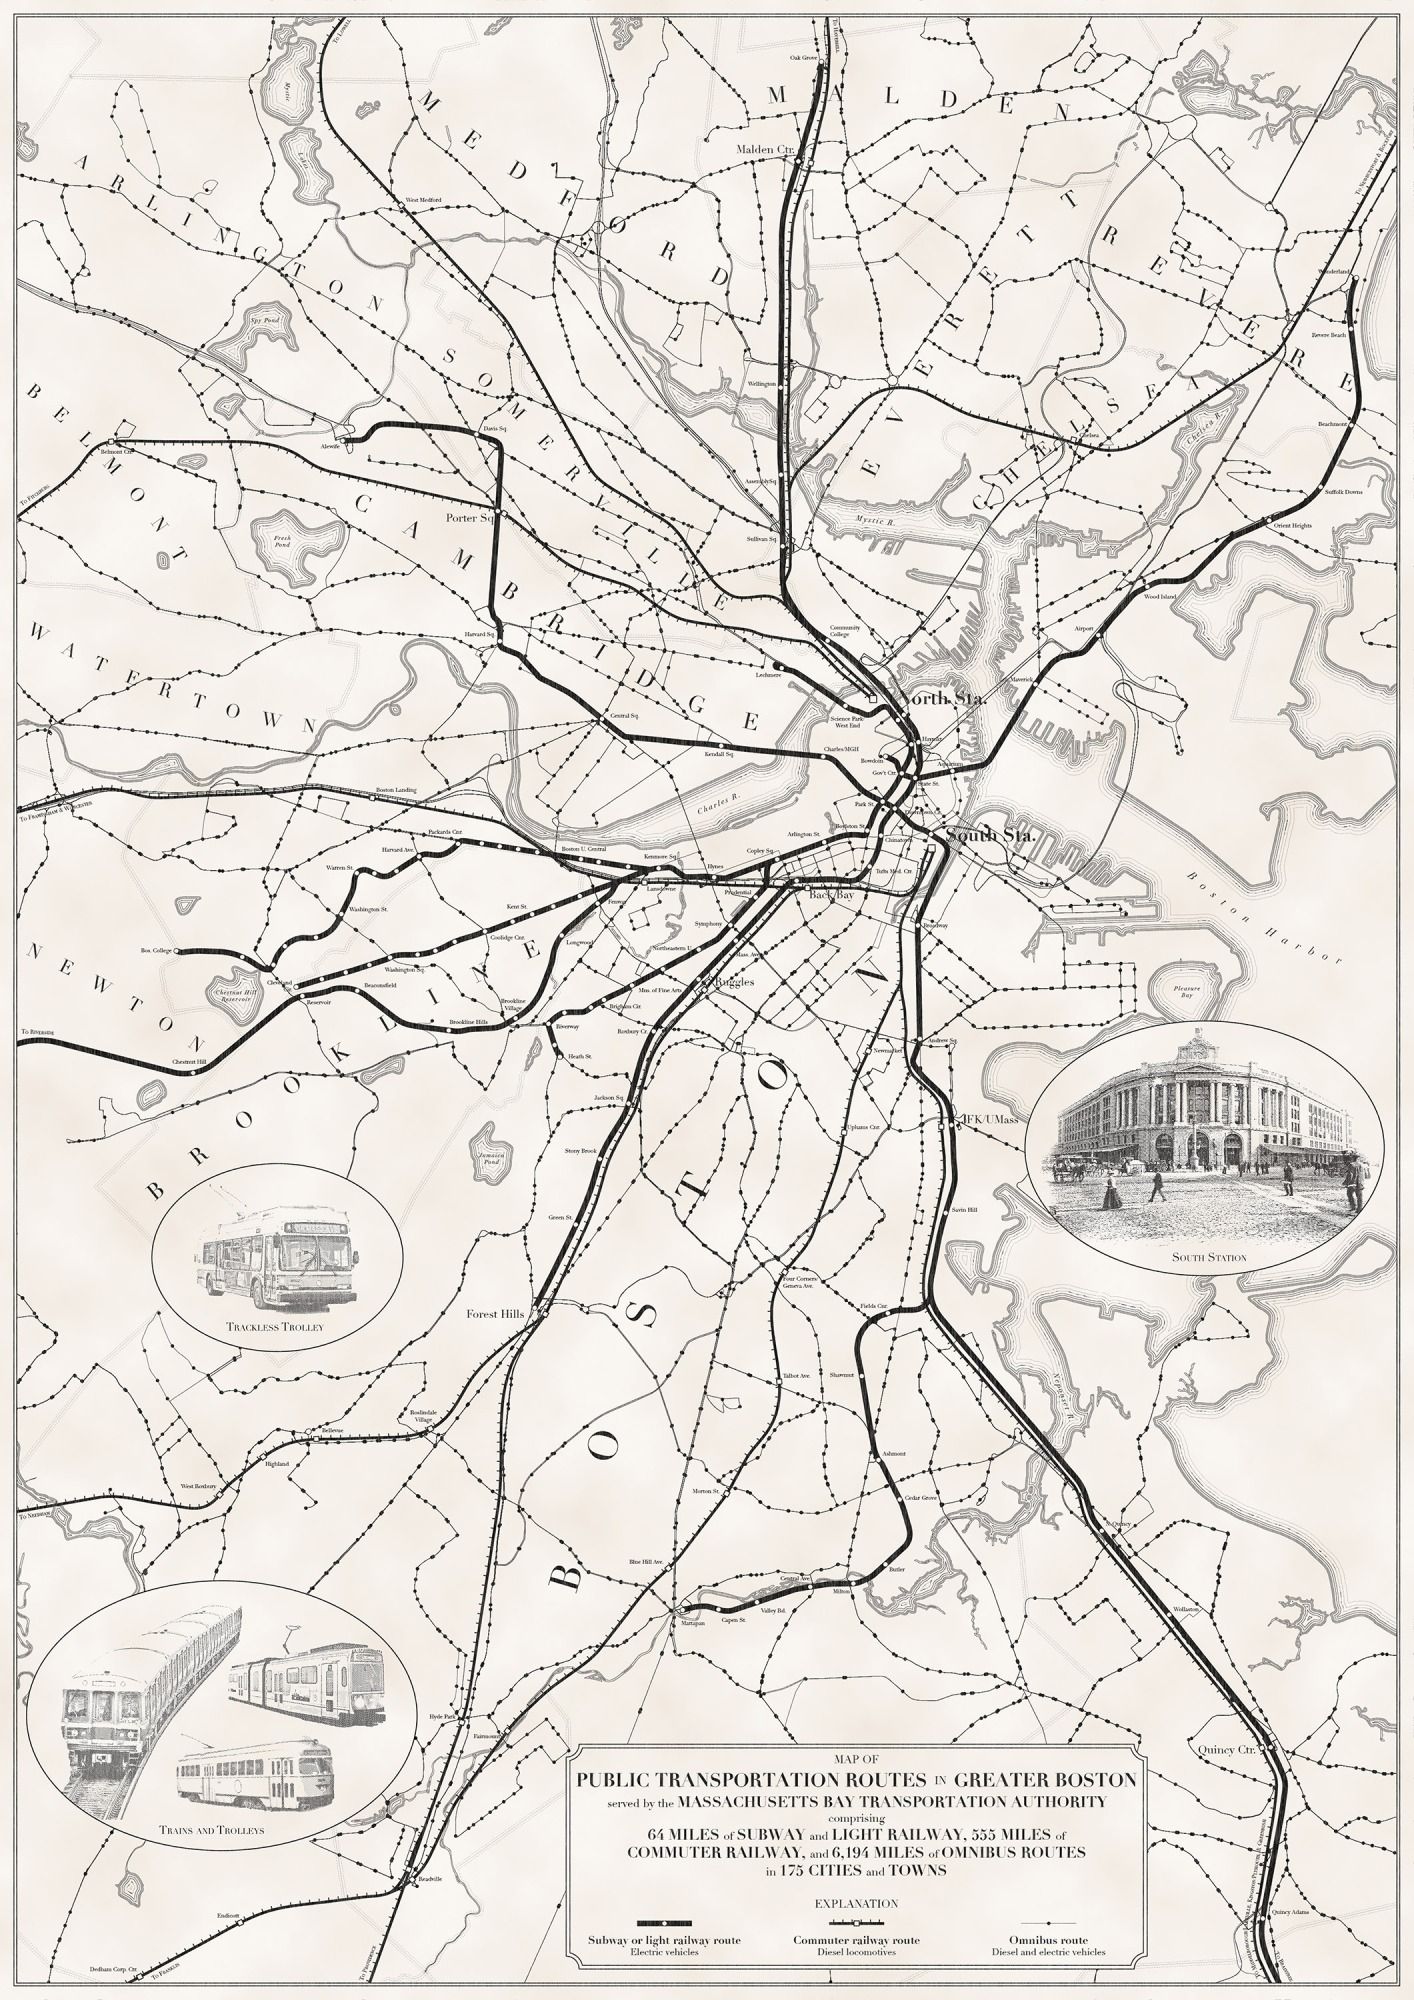 Public Transportation Routes Map